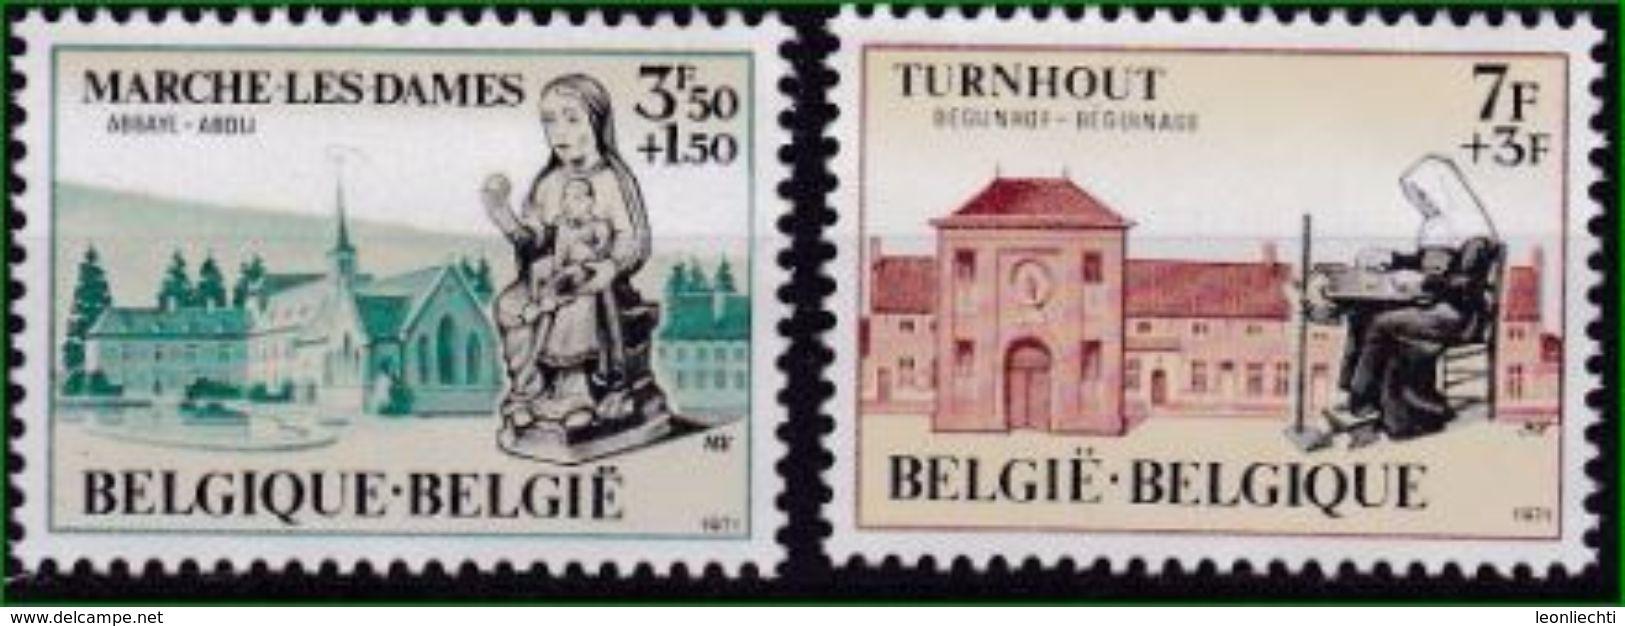 Belgien 1971 Mi: 1629 + 1630 ** Abtei Notre Dame Du Vivier Und Beginenhof In Turnhout - Abbayes & Monastères